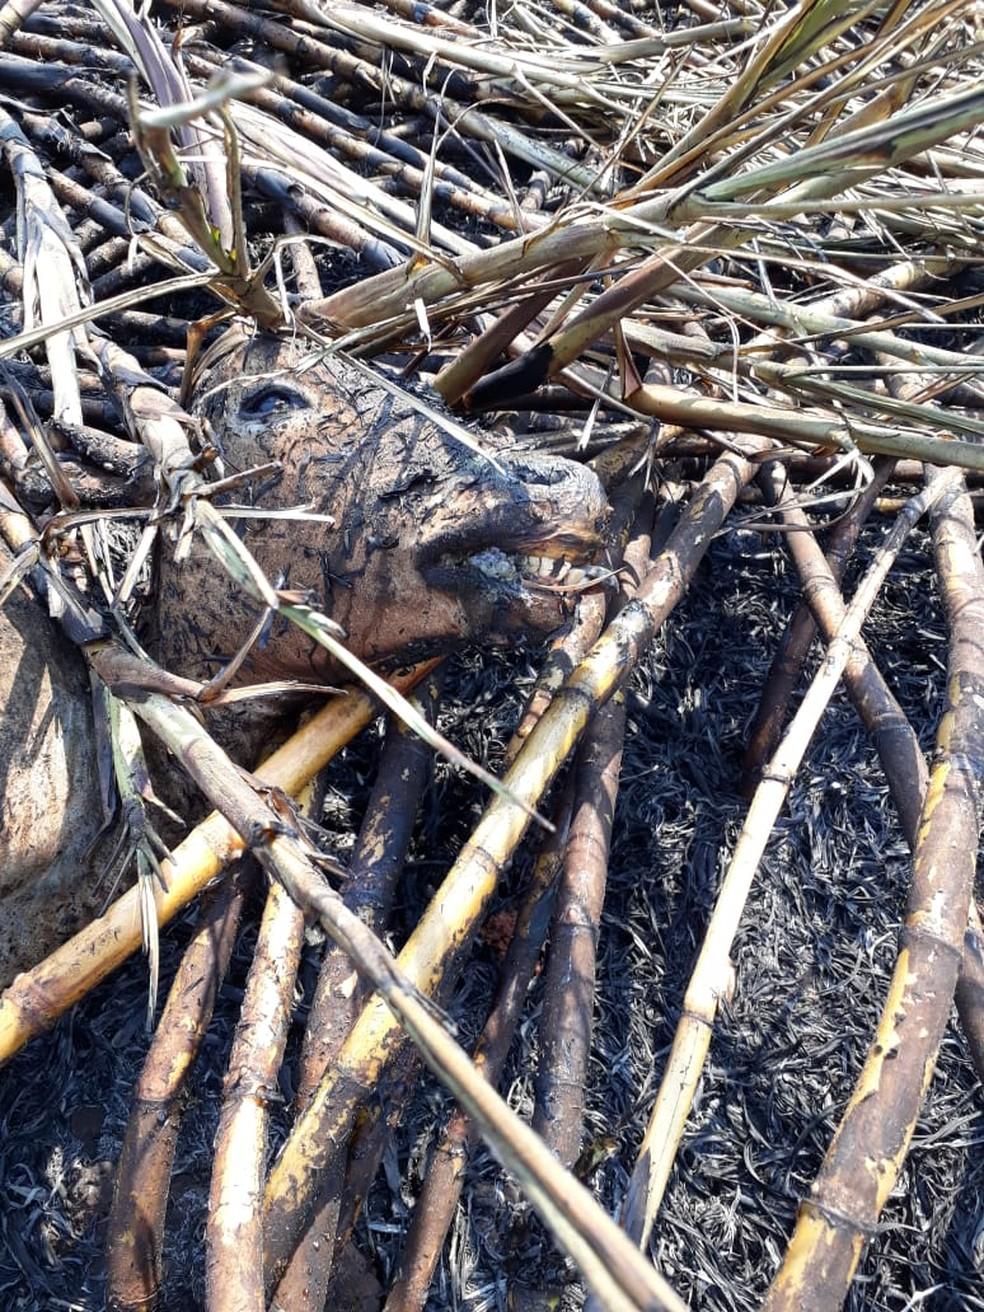 Animais morrem carbonizados em incêndio em Dracena  — Foto: Irene de Oliveira/Cedida